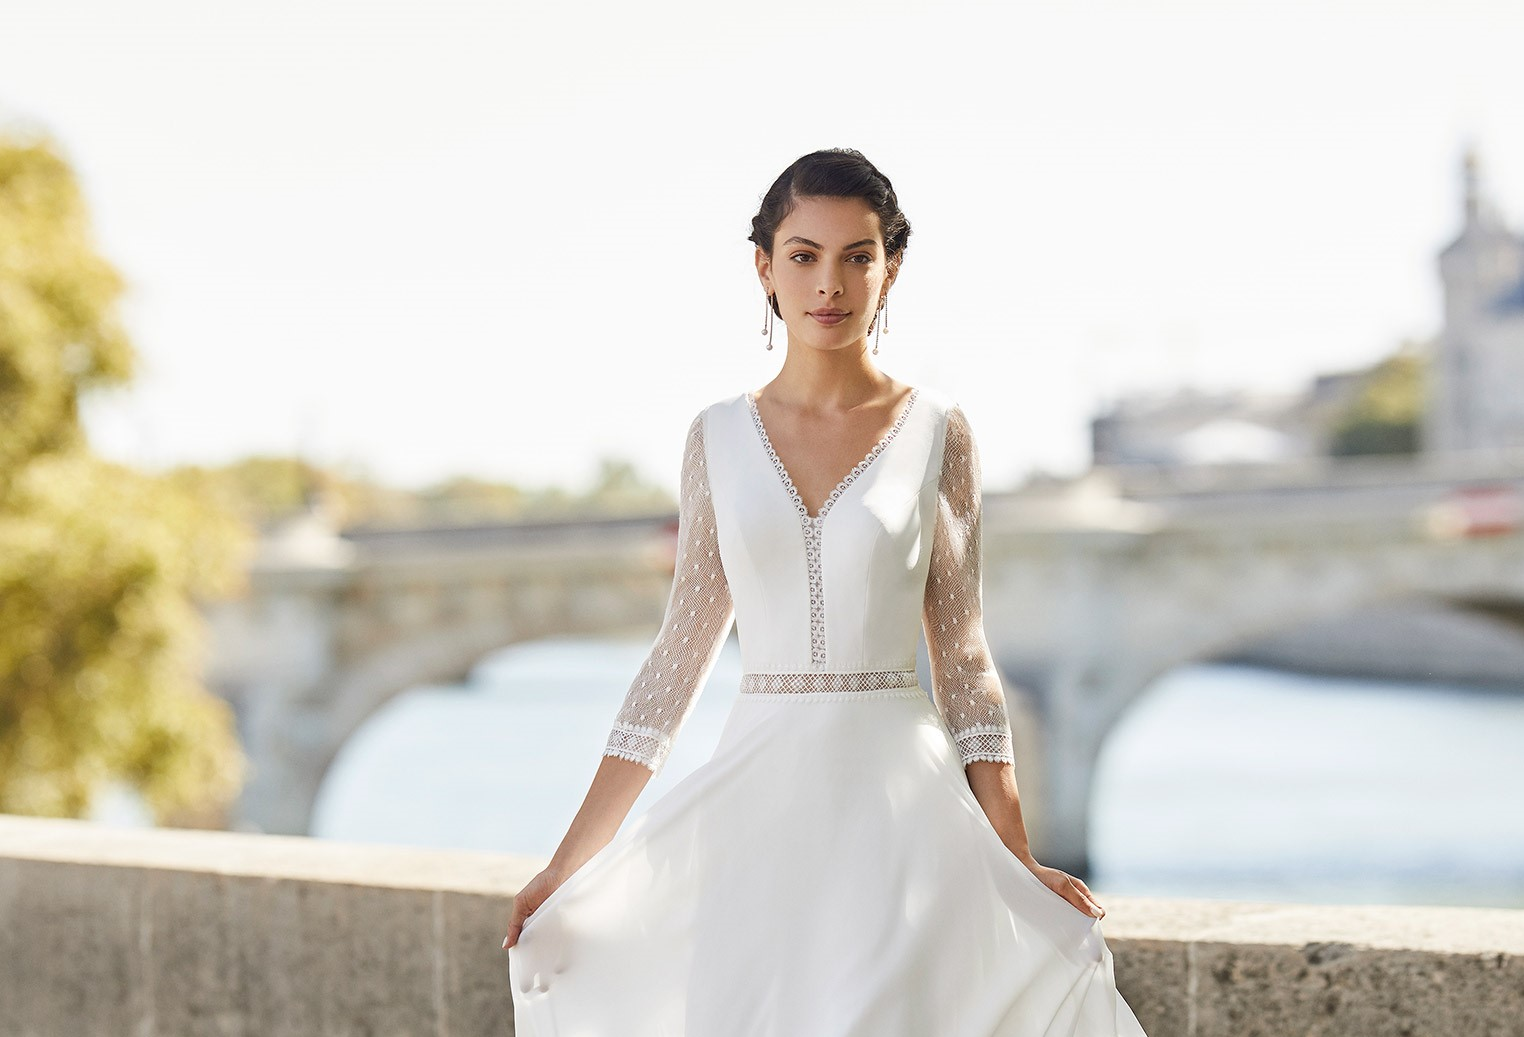 5B112_2_WALYR essencia novias coleccion 2021 alma novias rosa clara